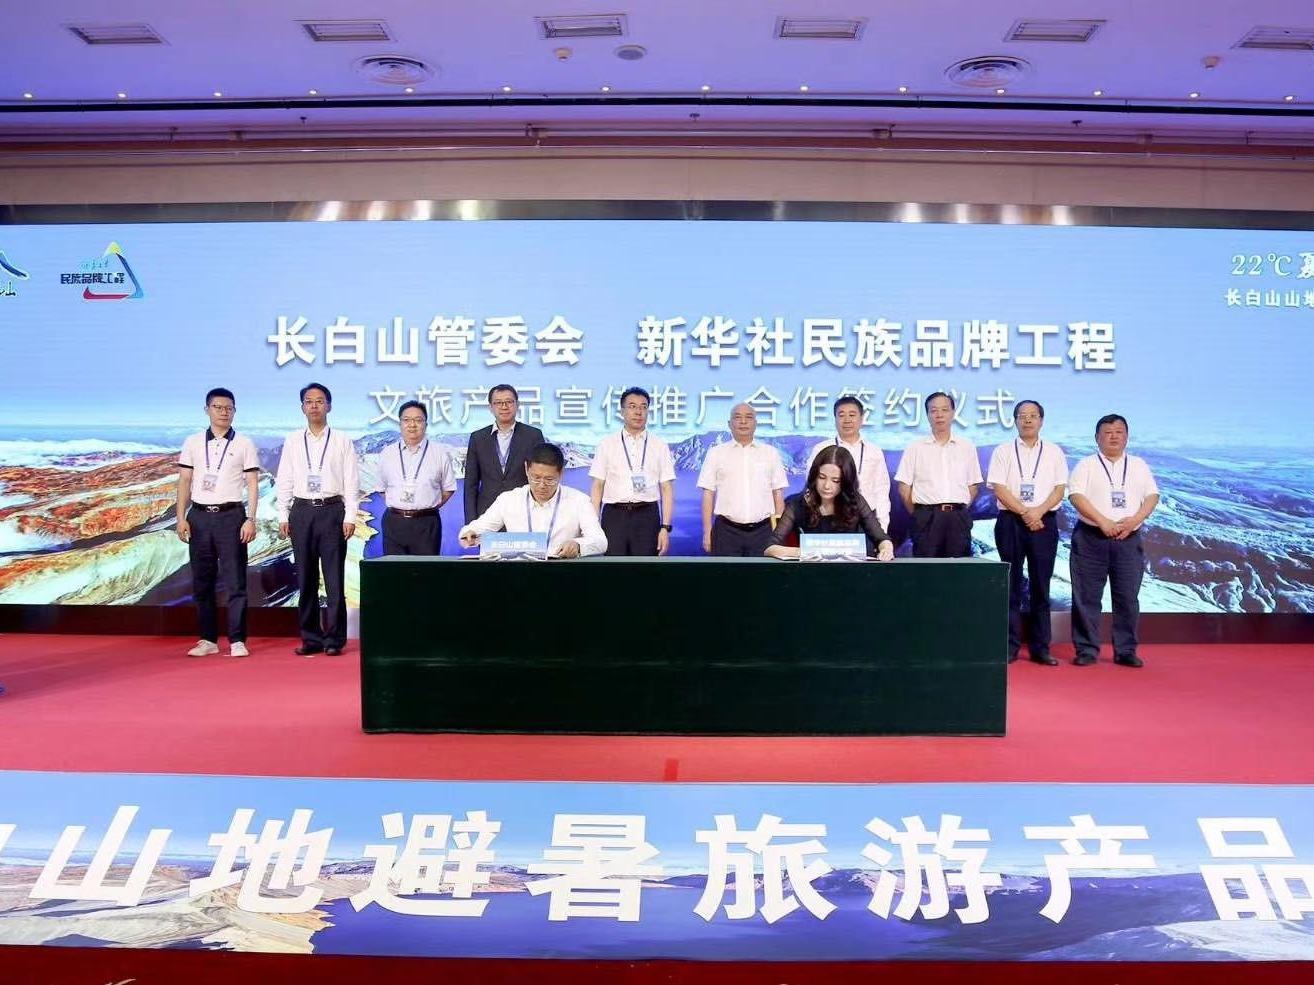 长白山管委会与中国联合航空有限公司签订合作协议